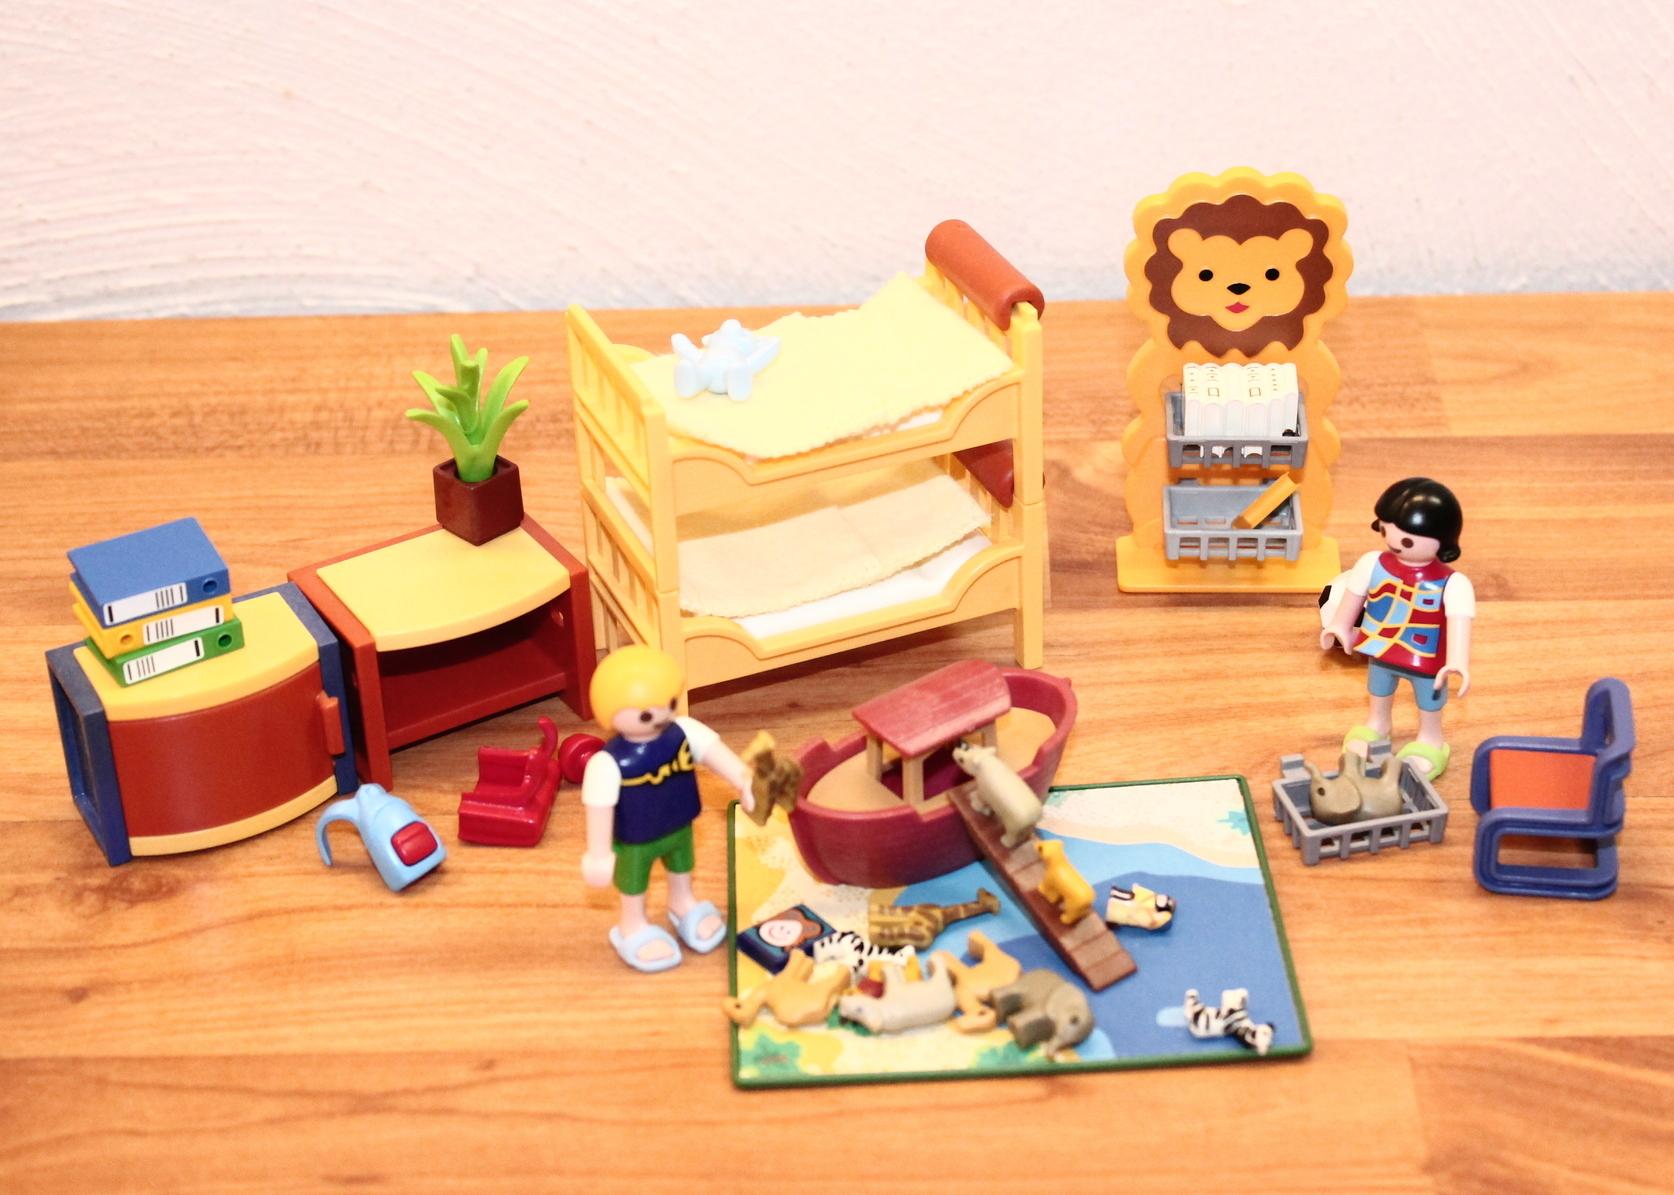 Playmobil 4287 kinderspielzimmer mit kindern und viel for Playmobil kinderzimmer 4287